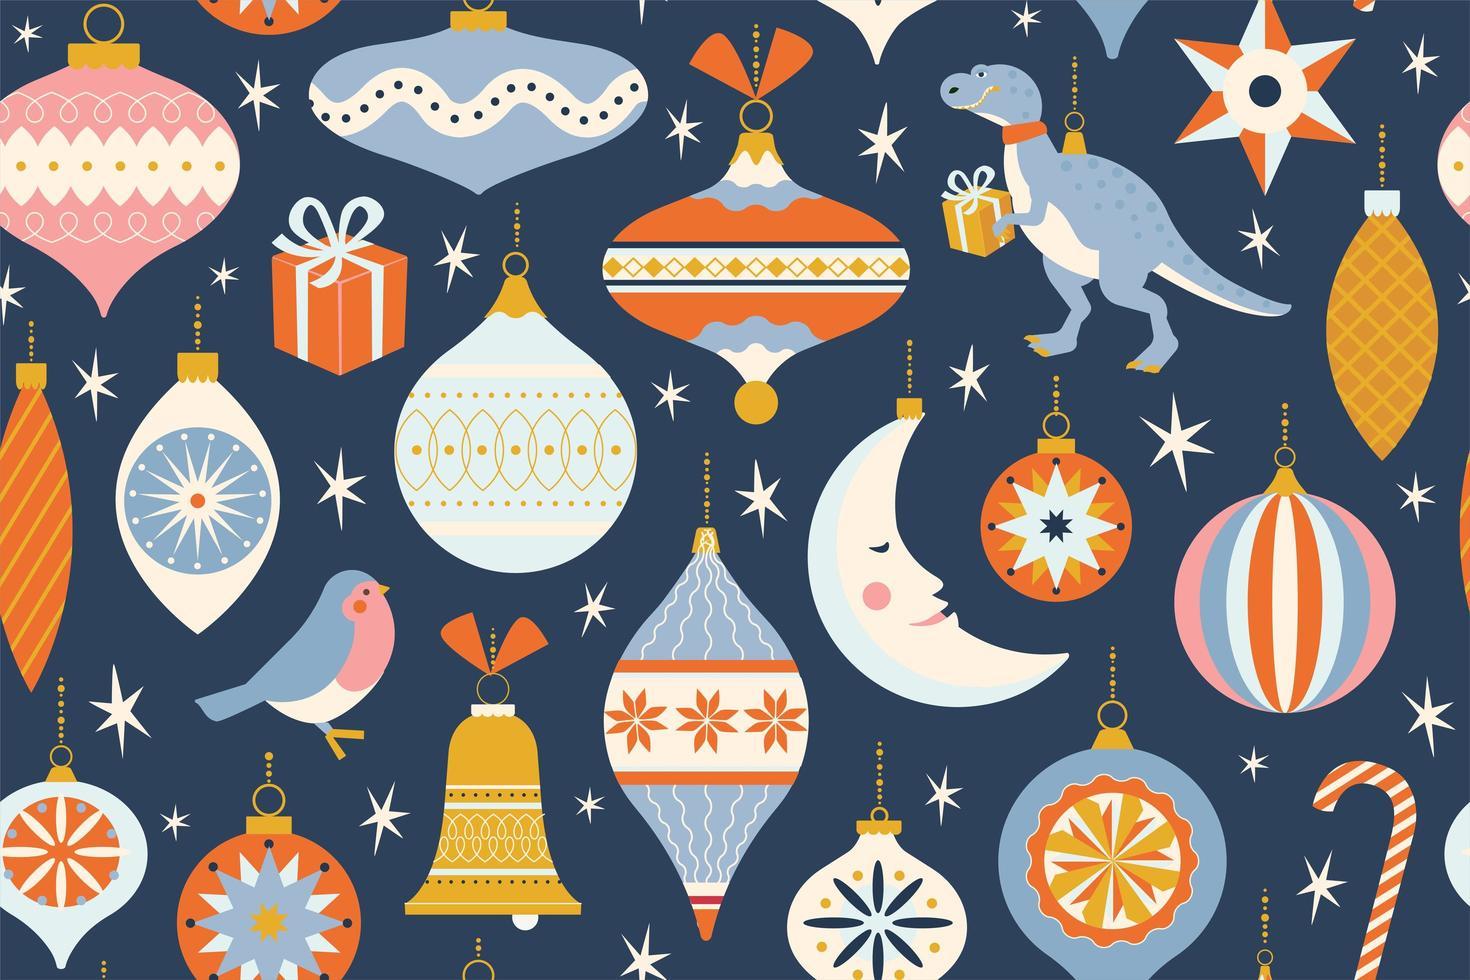 Feliz Navidad y año nuevo tarjeta con varios juguetes navideños y presente en estilo retro de mediados de siglo moderno. vacaciones de invierno de patrones sin fisuras en el vector. vector